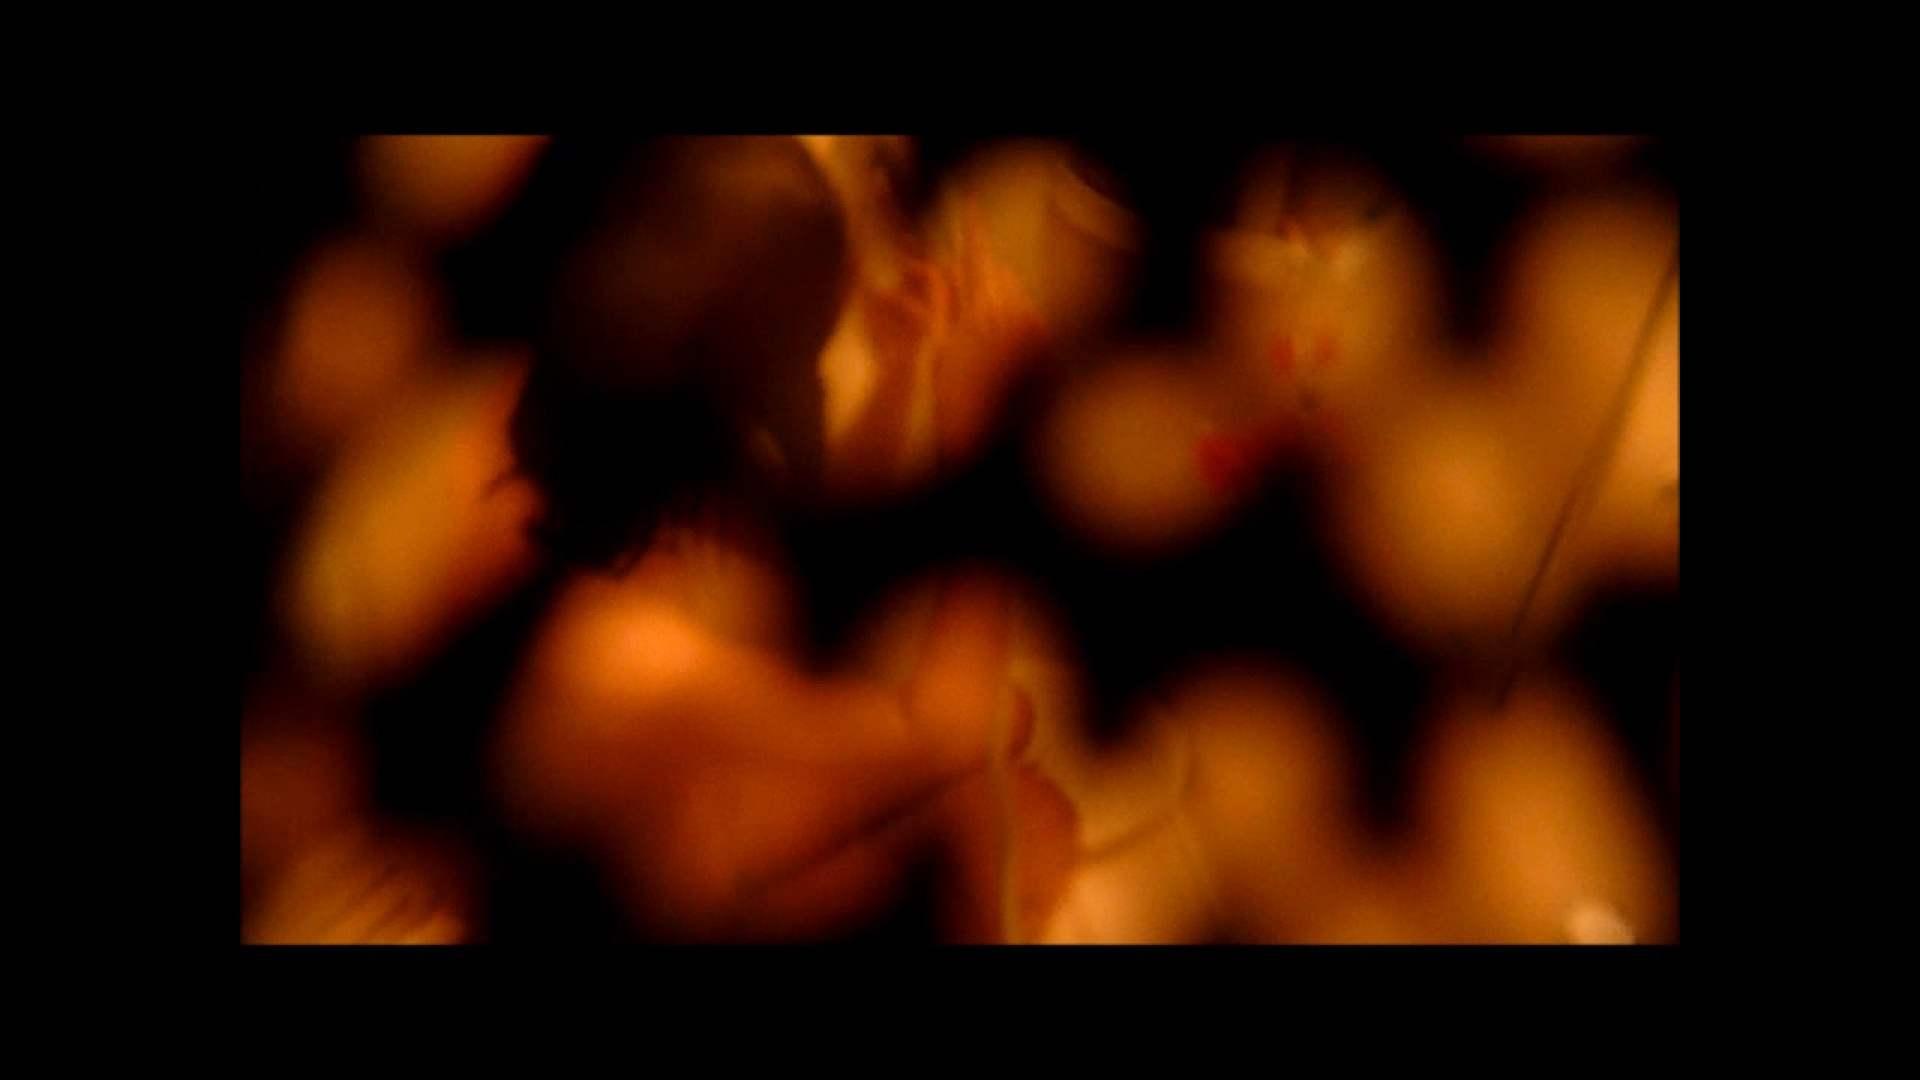 【02】ベランダに侵入して張り込みを始めて・・・やっと結果が出ました。 モロだしオマンコ  79pic 70